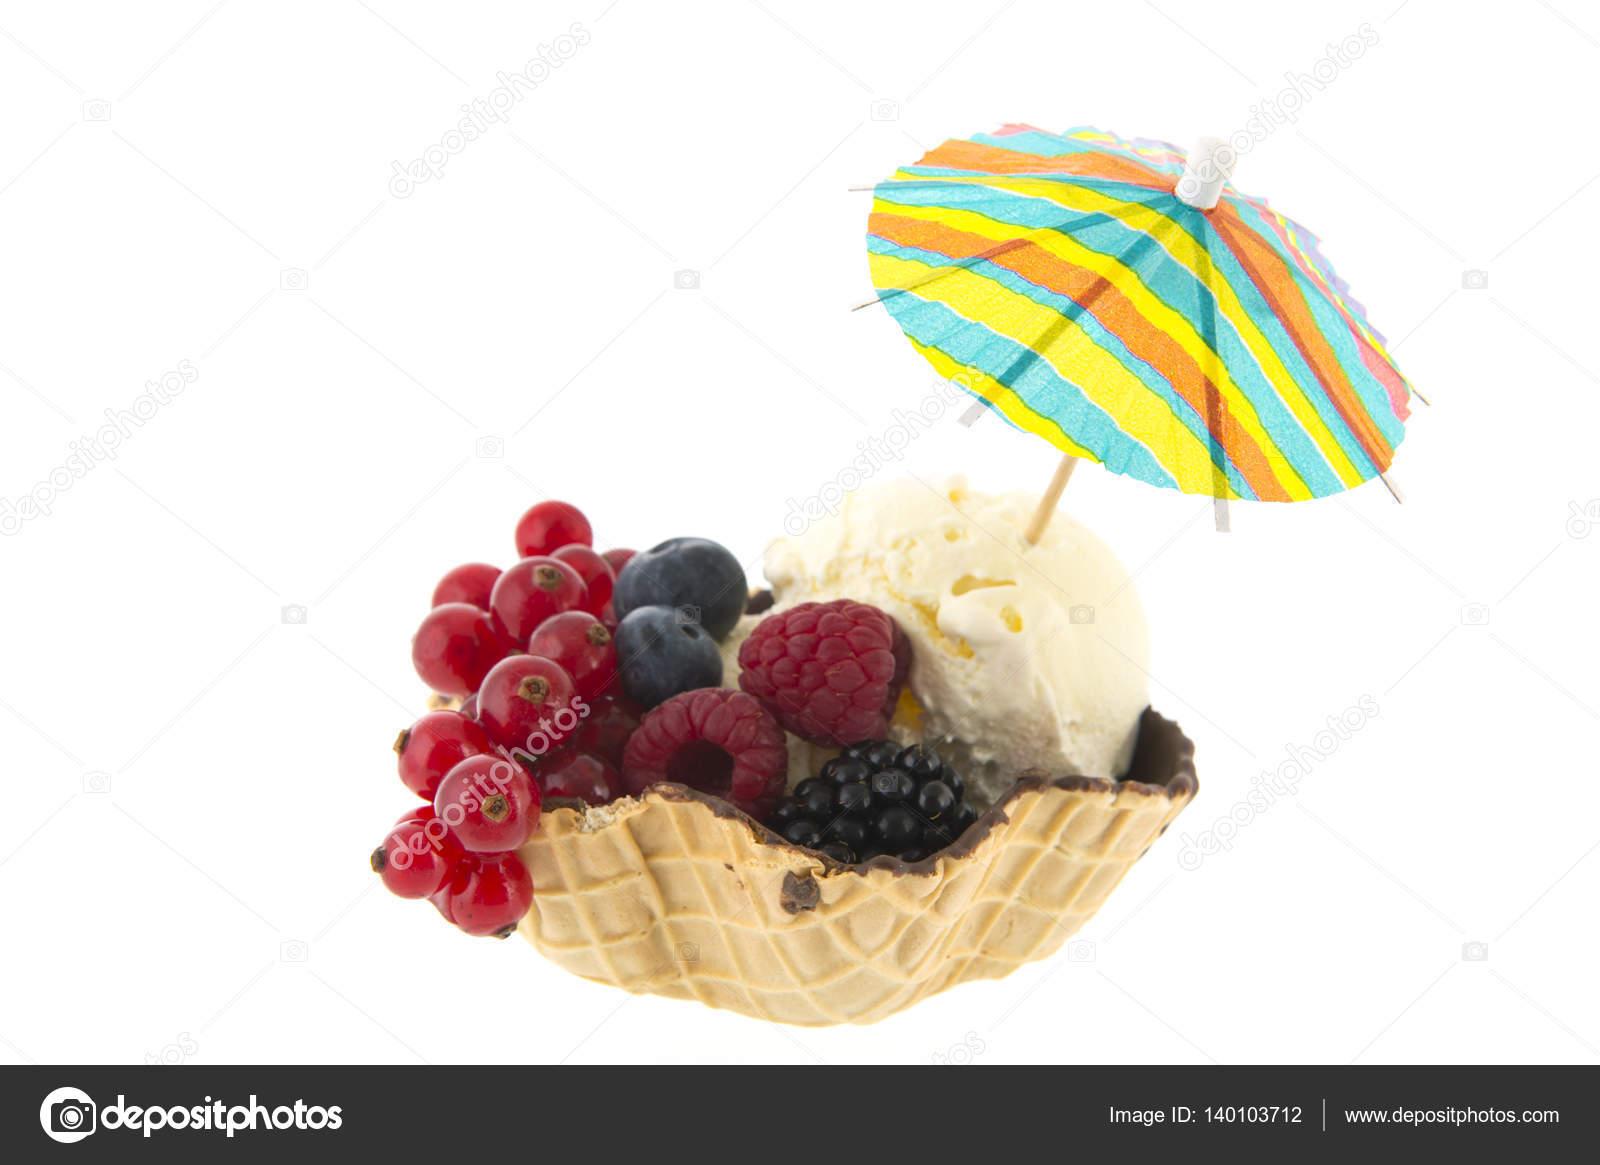 coupe de glace vanille avec des fruits et parasol photographie ivonnewierink 140103712. Black Bedroom Furniture Sets. Home Design Ideas